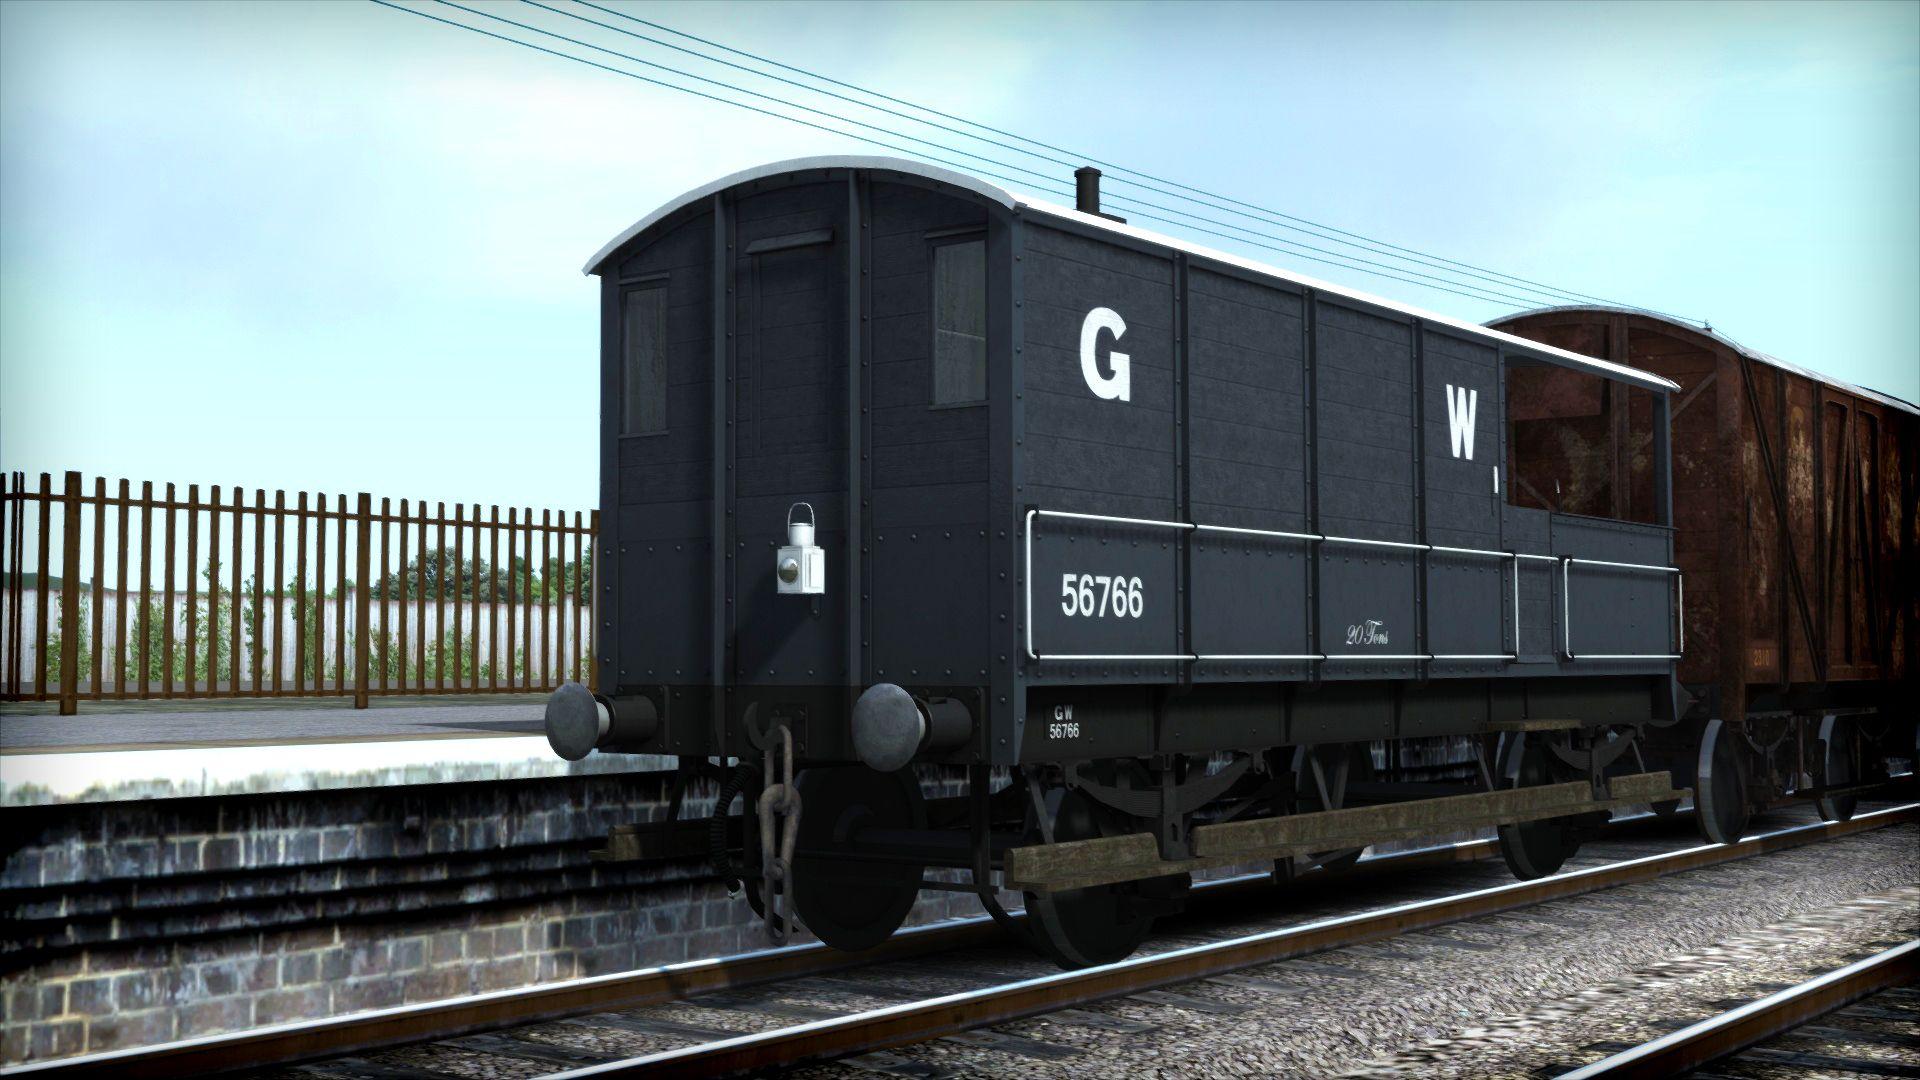 GWRLP3